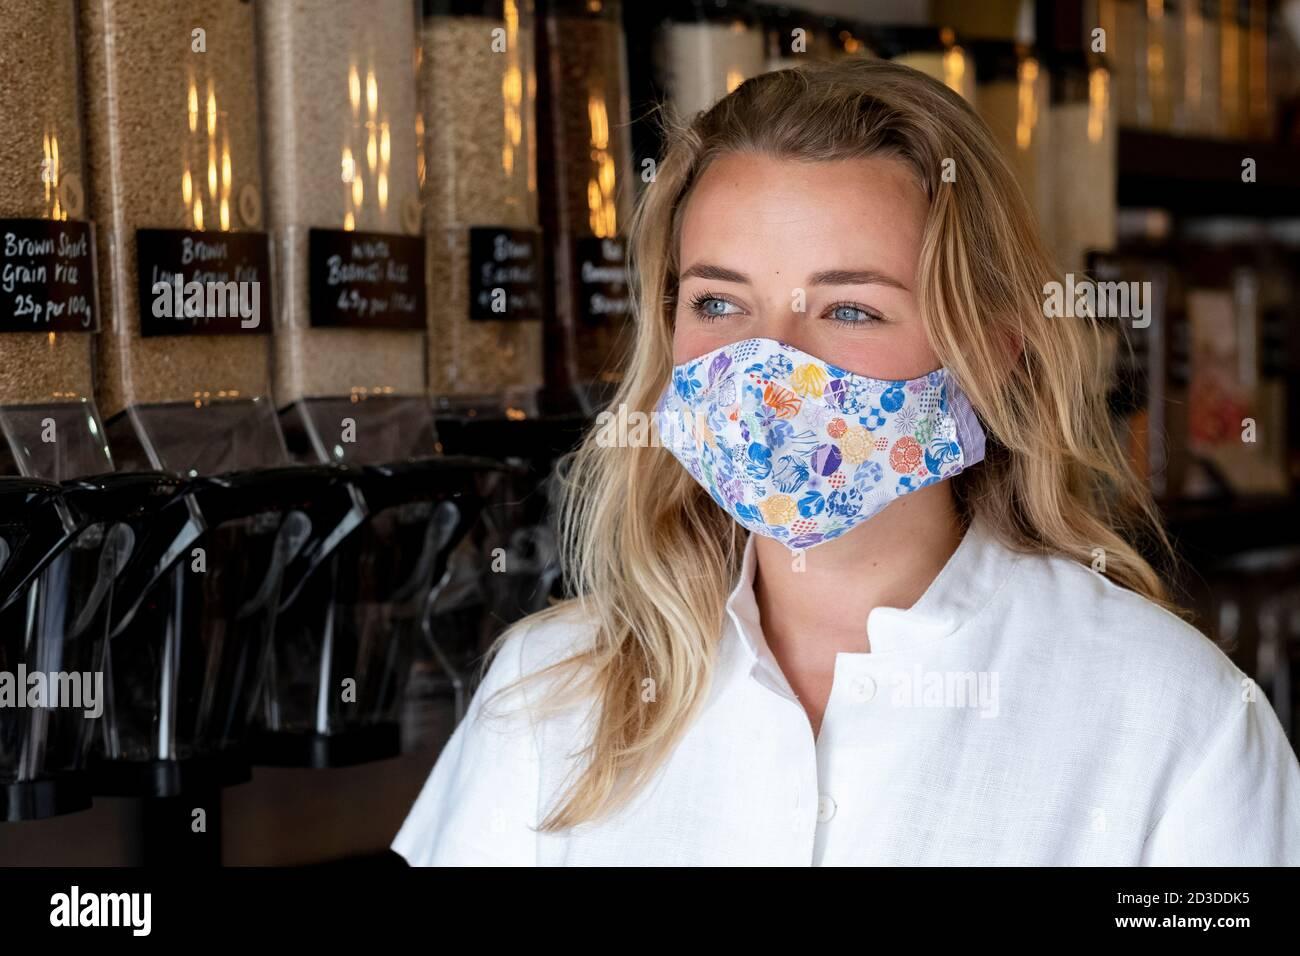 Portrait der jungen blonden Frau trägt Gesichtsmaske, stehen in Abfall freien Vollwertspeicher. Stockfoto